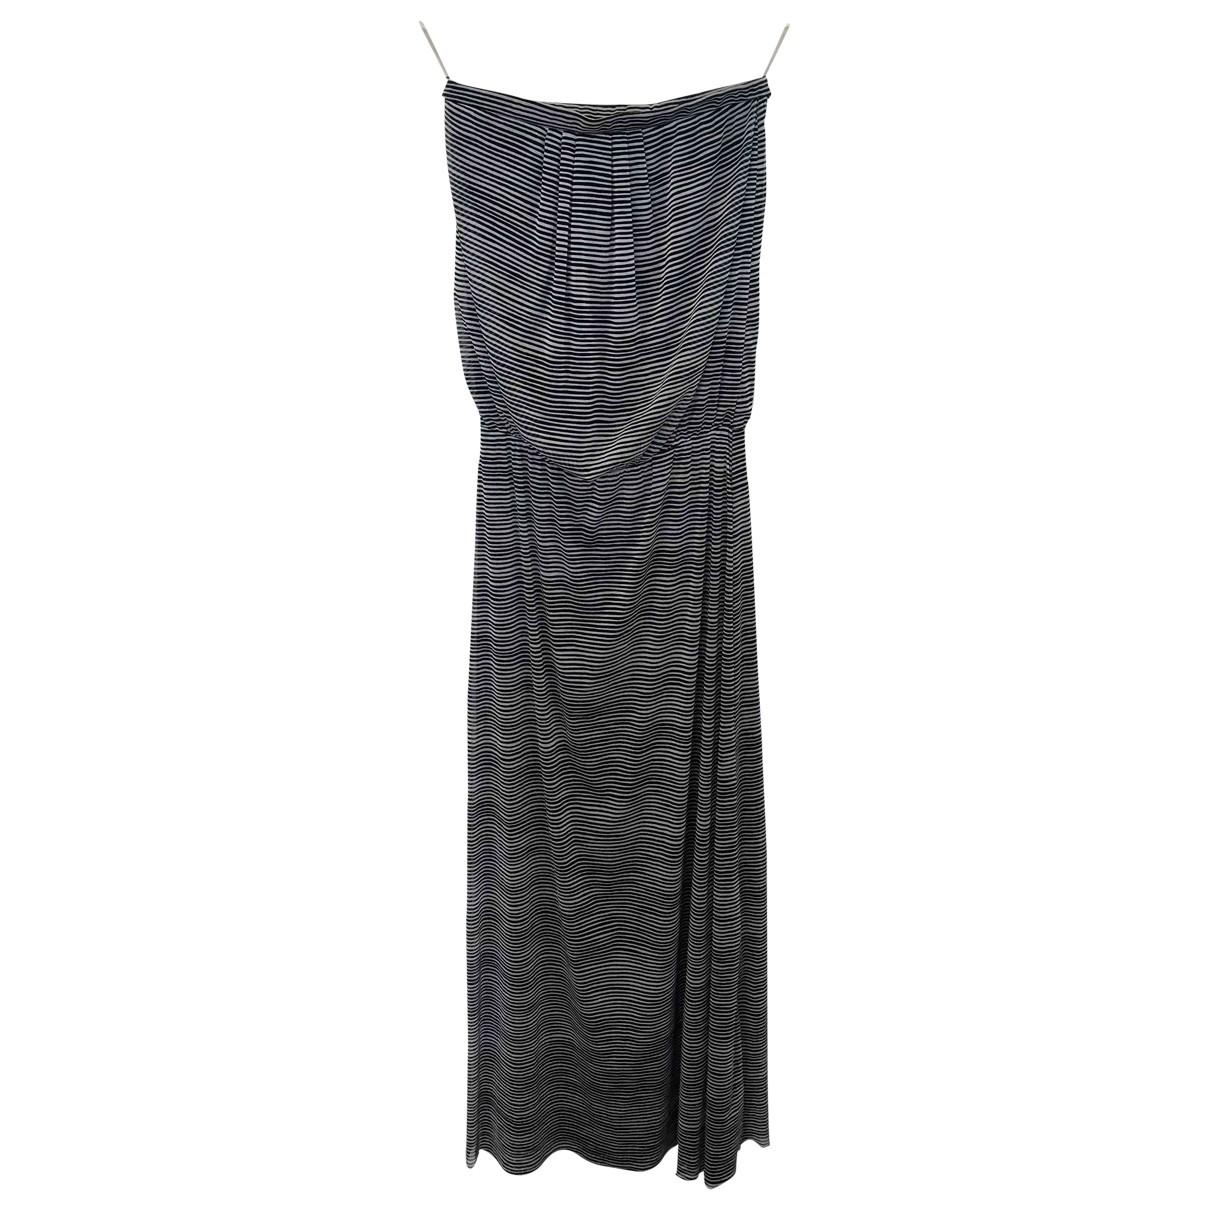 Cynthia Rowley \N Kleid in  Schwarz Synthetik